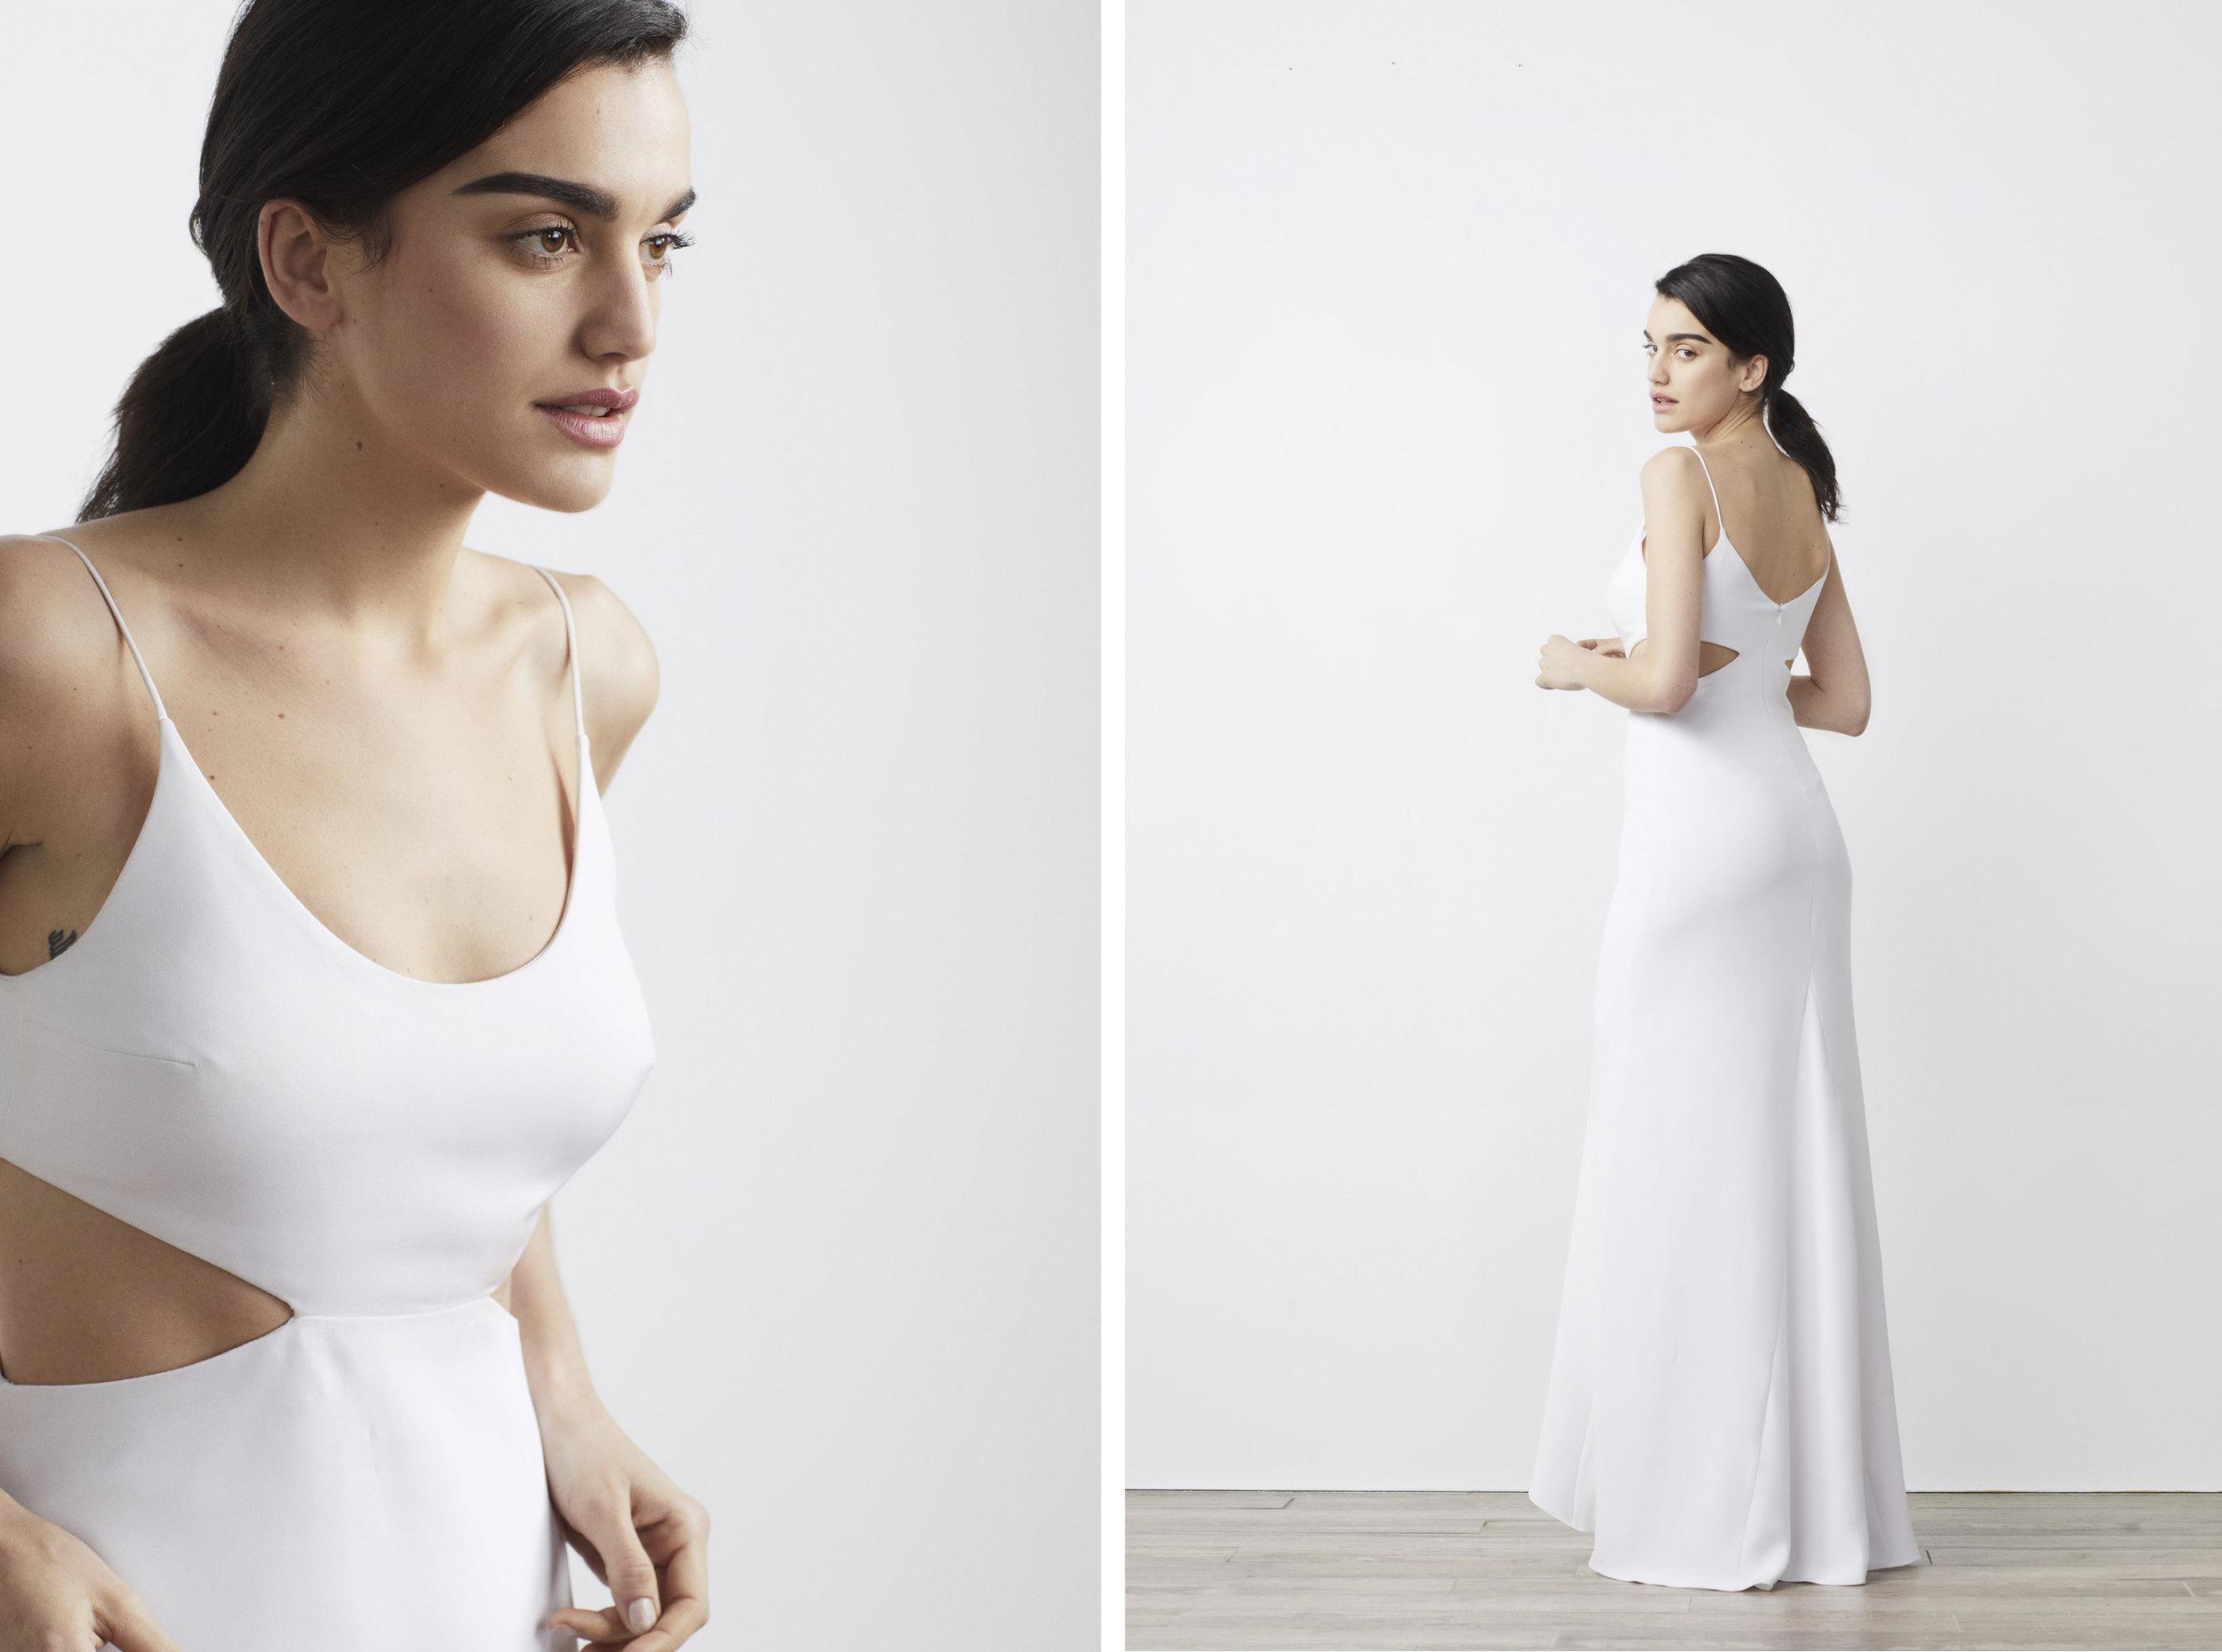 Lakum's Natlie gown